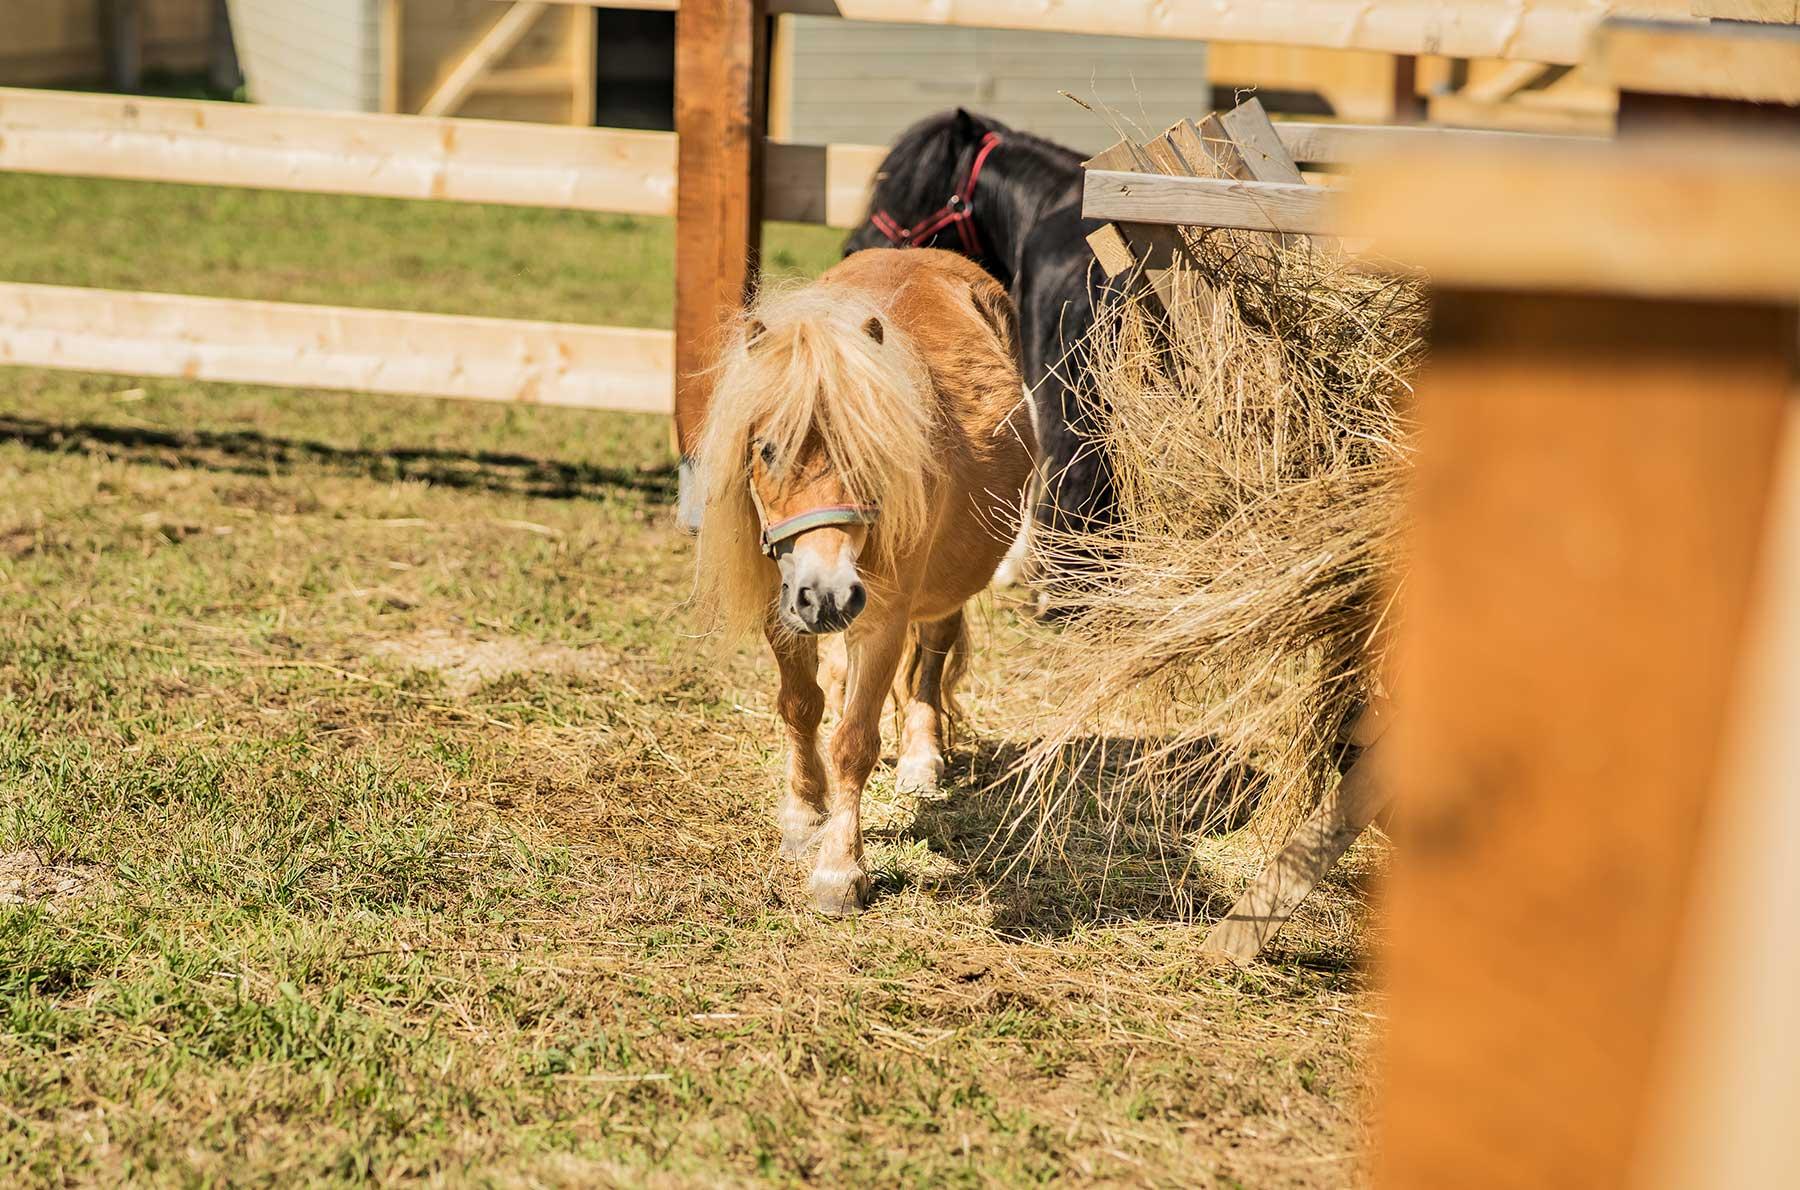 Kuc szetlandzki – rasa koni zaliczanych do kuców, pochodząca z Wysp Szetlandzkich. Jest to jedna z najmniejszych ras występujących obecnie kuców – ich niski wzrost jest wynikiem naturalnego procesu skarłowacenia.